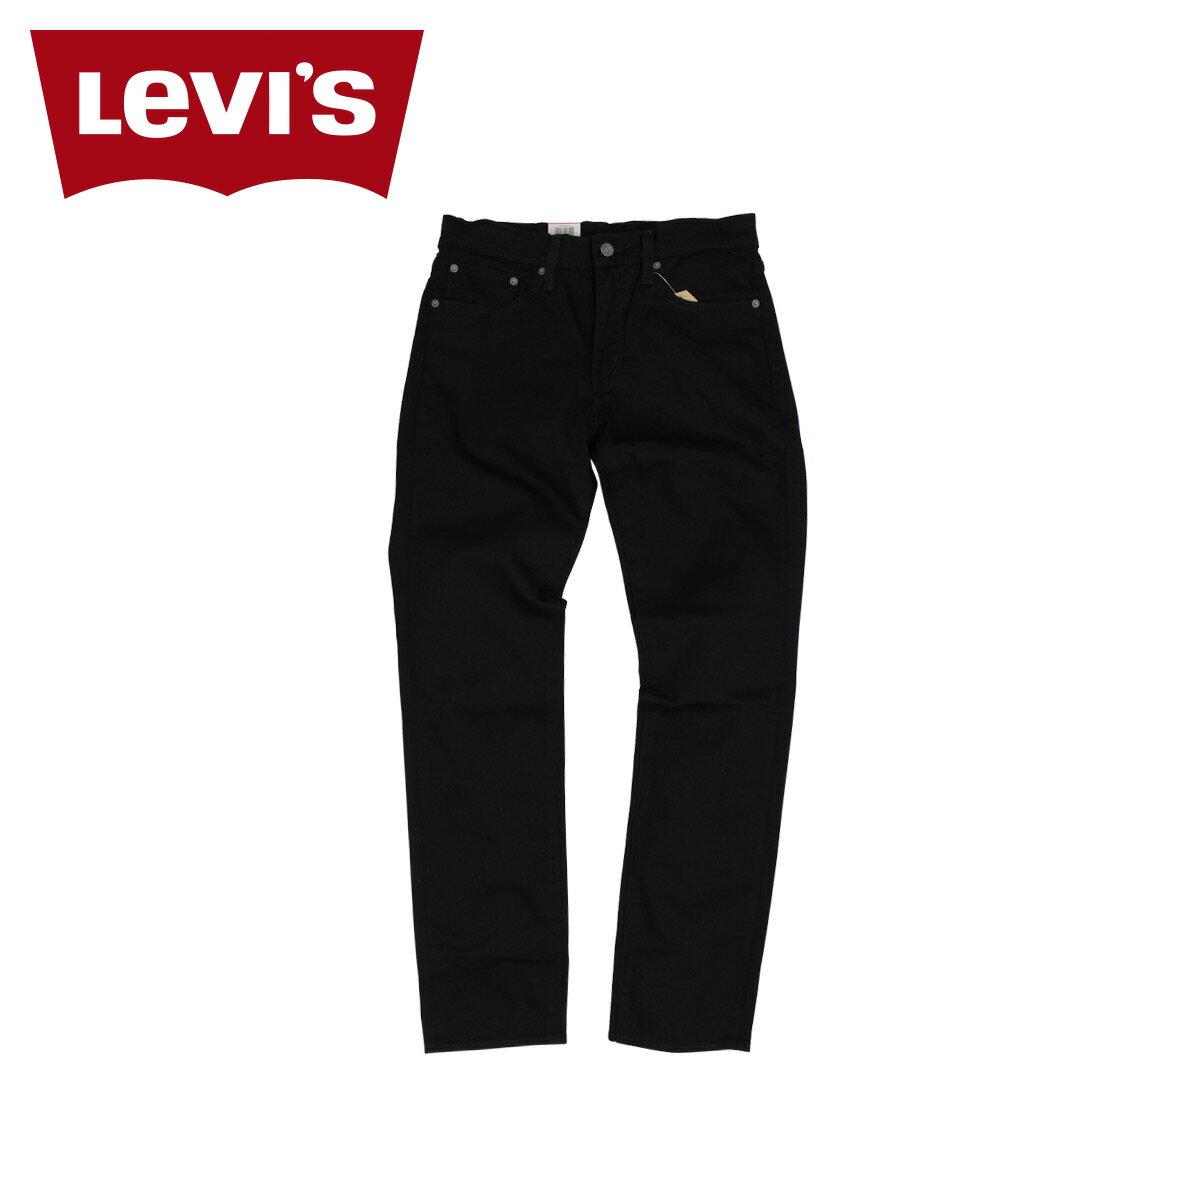 LEVI'S SLIM TAPERED FIT リーバイス 511 スリムフィット デニム パンツ メンズ ブラック 04511-1507